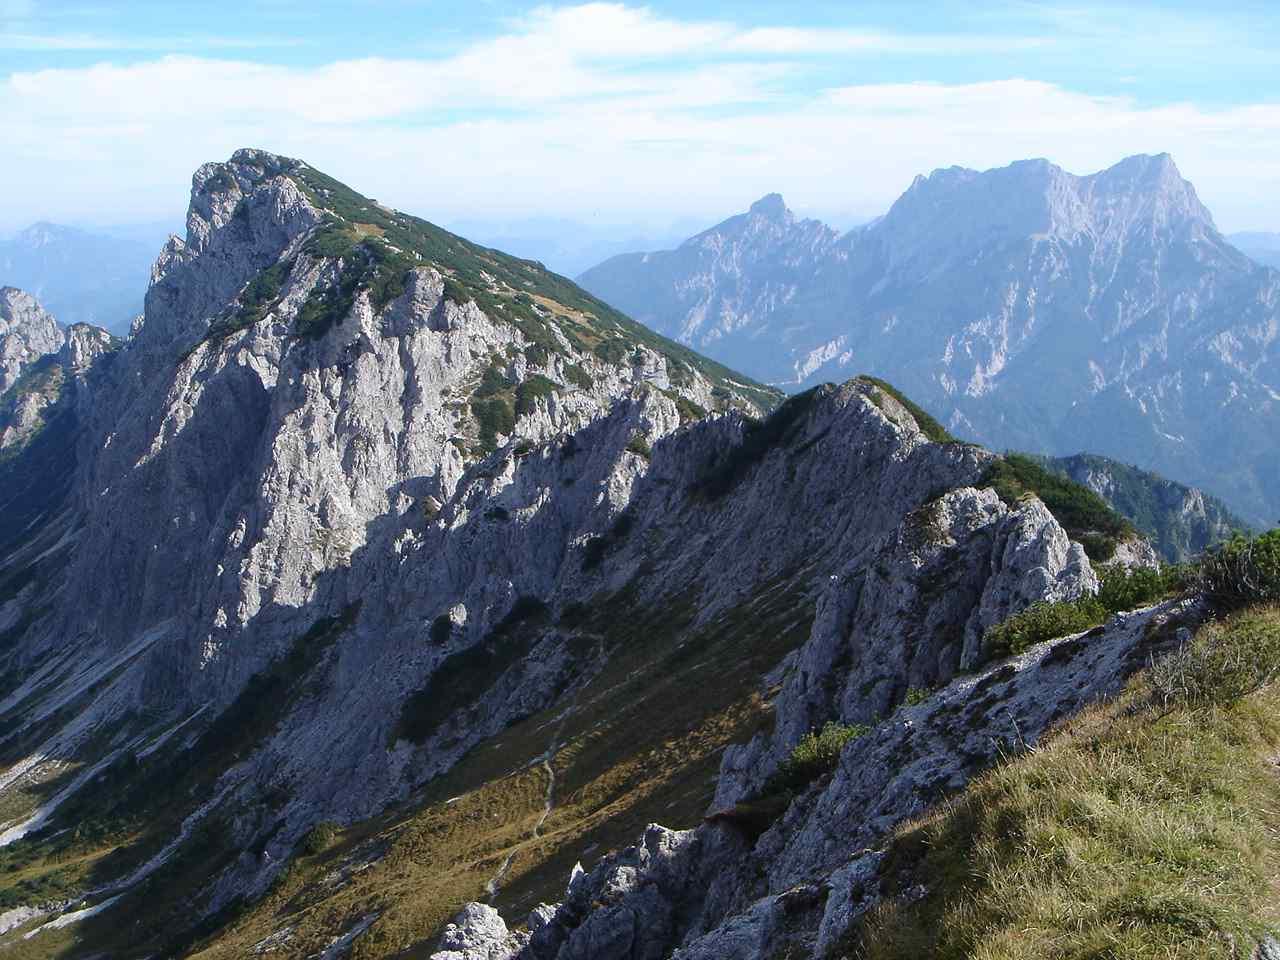 Foto: Manfred Karl / Wander Tour / Grabnerstein - Gipfelrunde / Grabnerstein von der Admonter Warte. / 18.05.2007 14:49:12